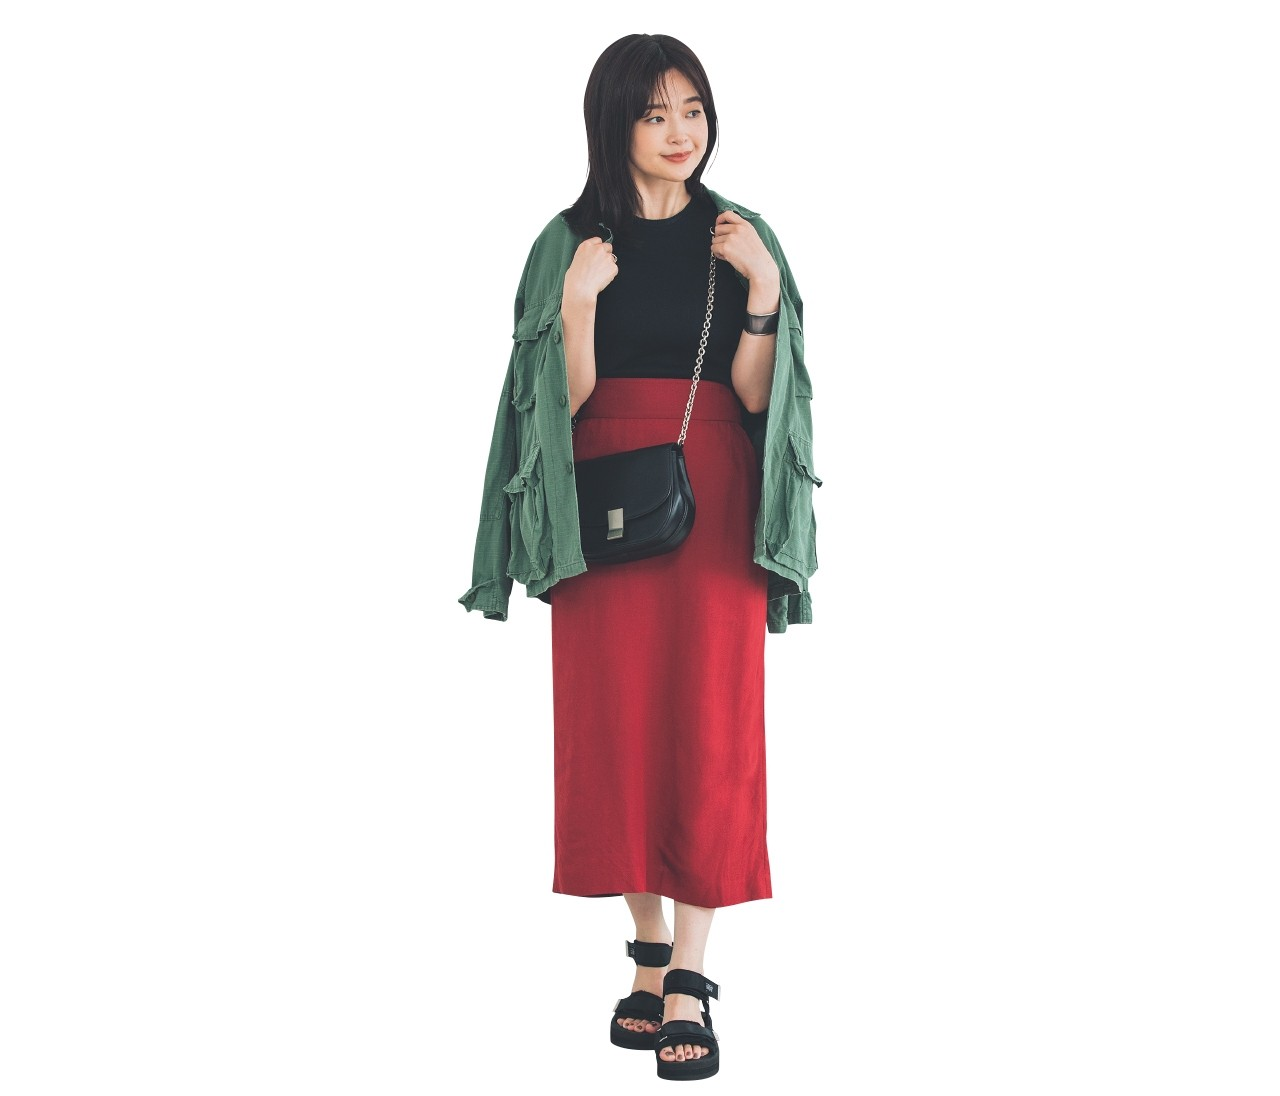 【30代女子の夏ファッションQ&A】冷房対策になる着こなしとは?